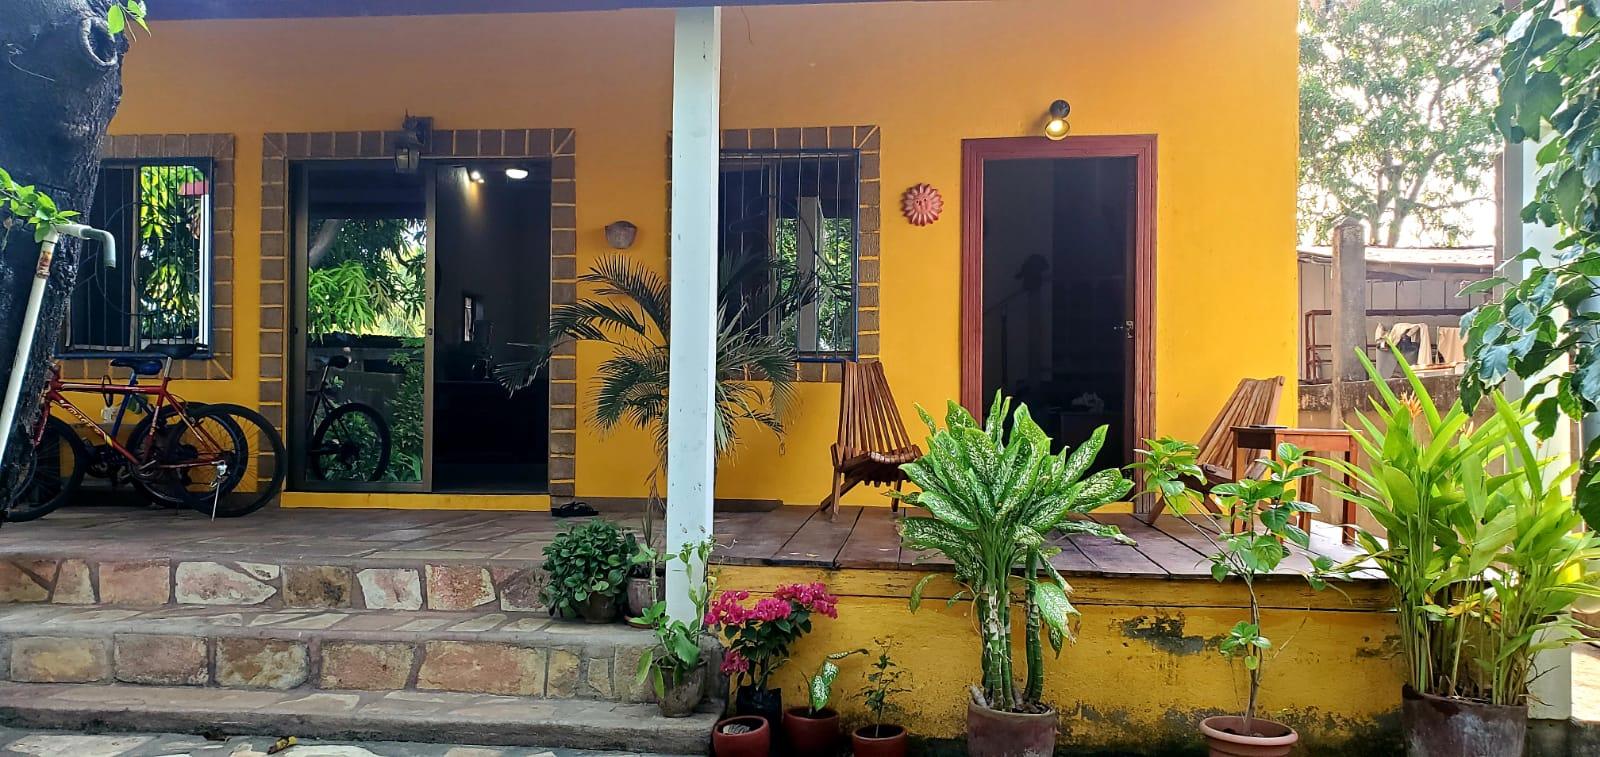 Nicaragua Real Estate Las Peñitas Casa Mirador for sale 3 BR 2.5 BA